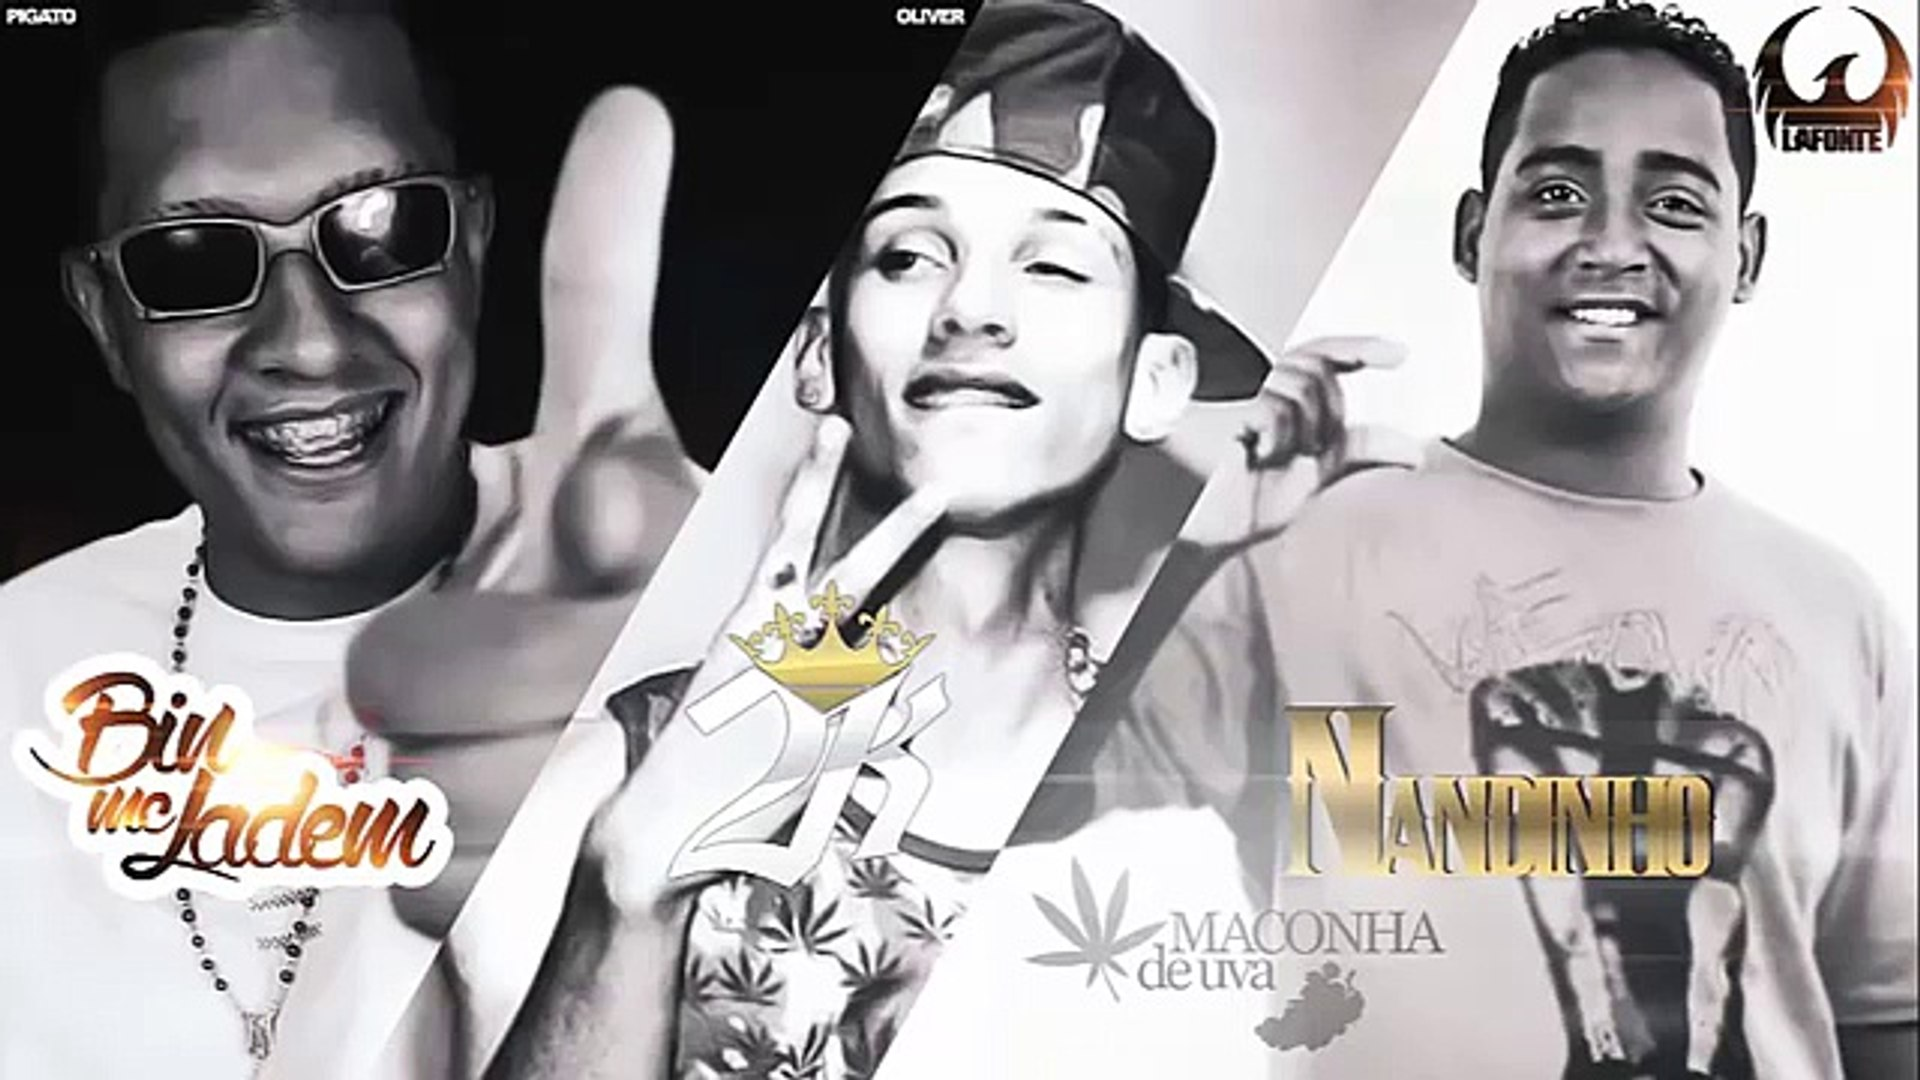 MC Bin Laden, MC 2K e MC Nandinho - Maconha de Uva ( Mano DJ ) Lançamento 2014